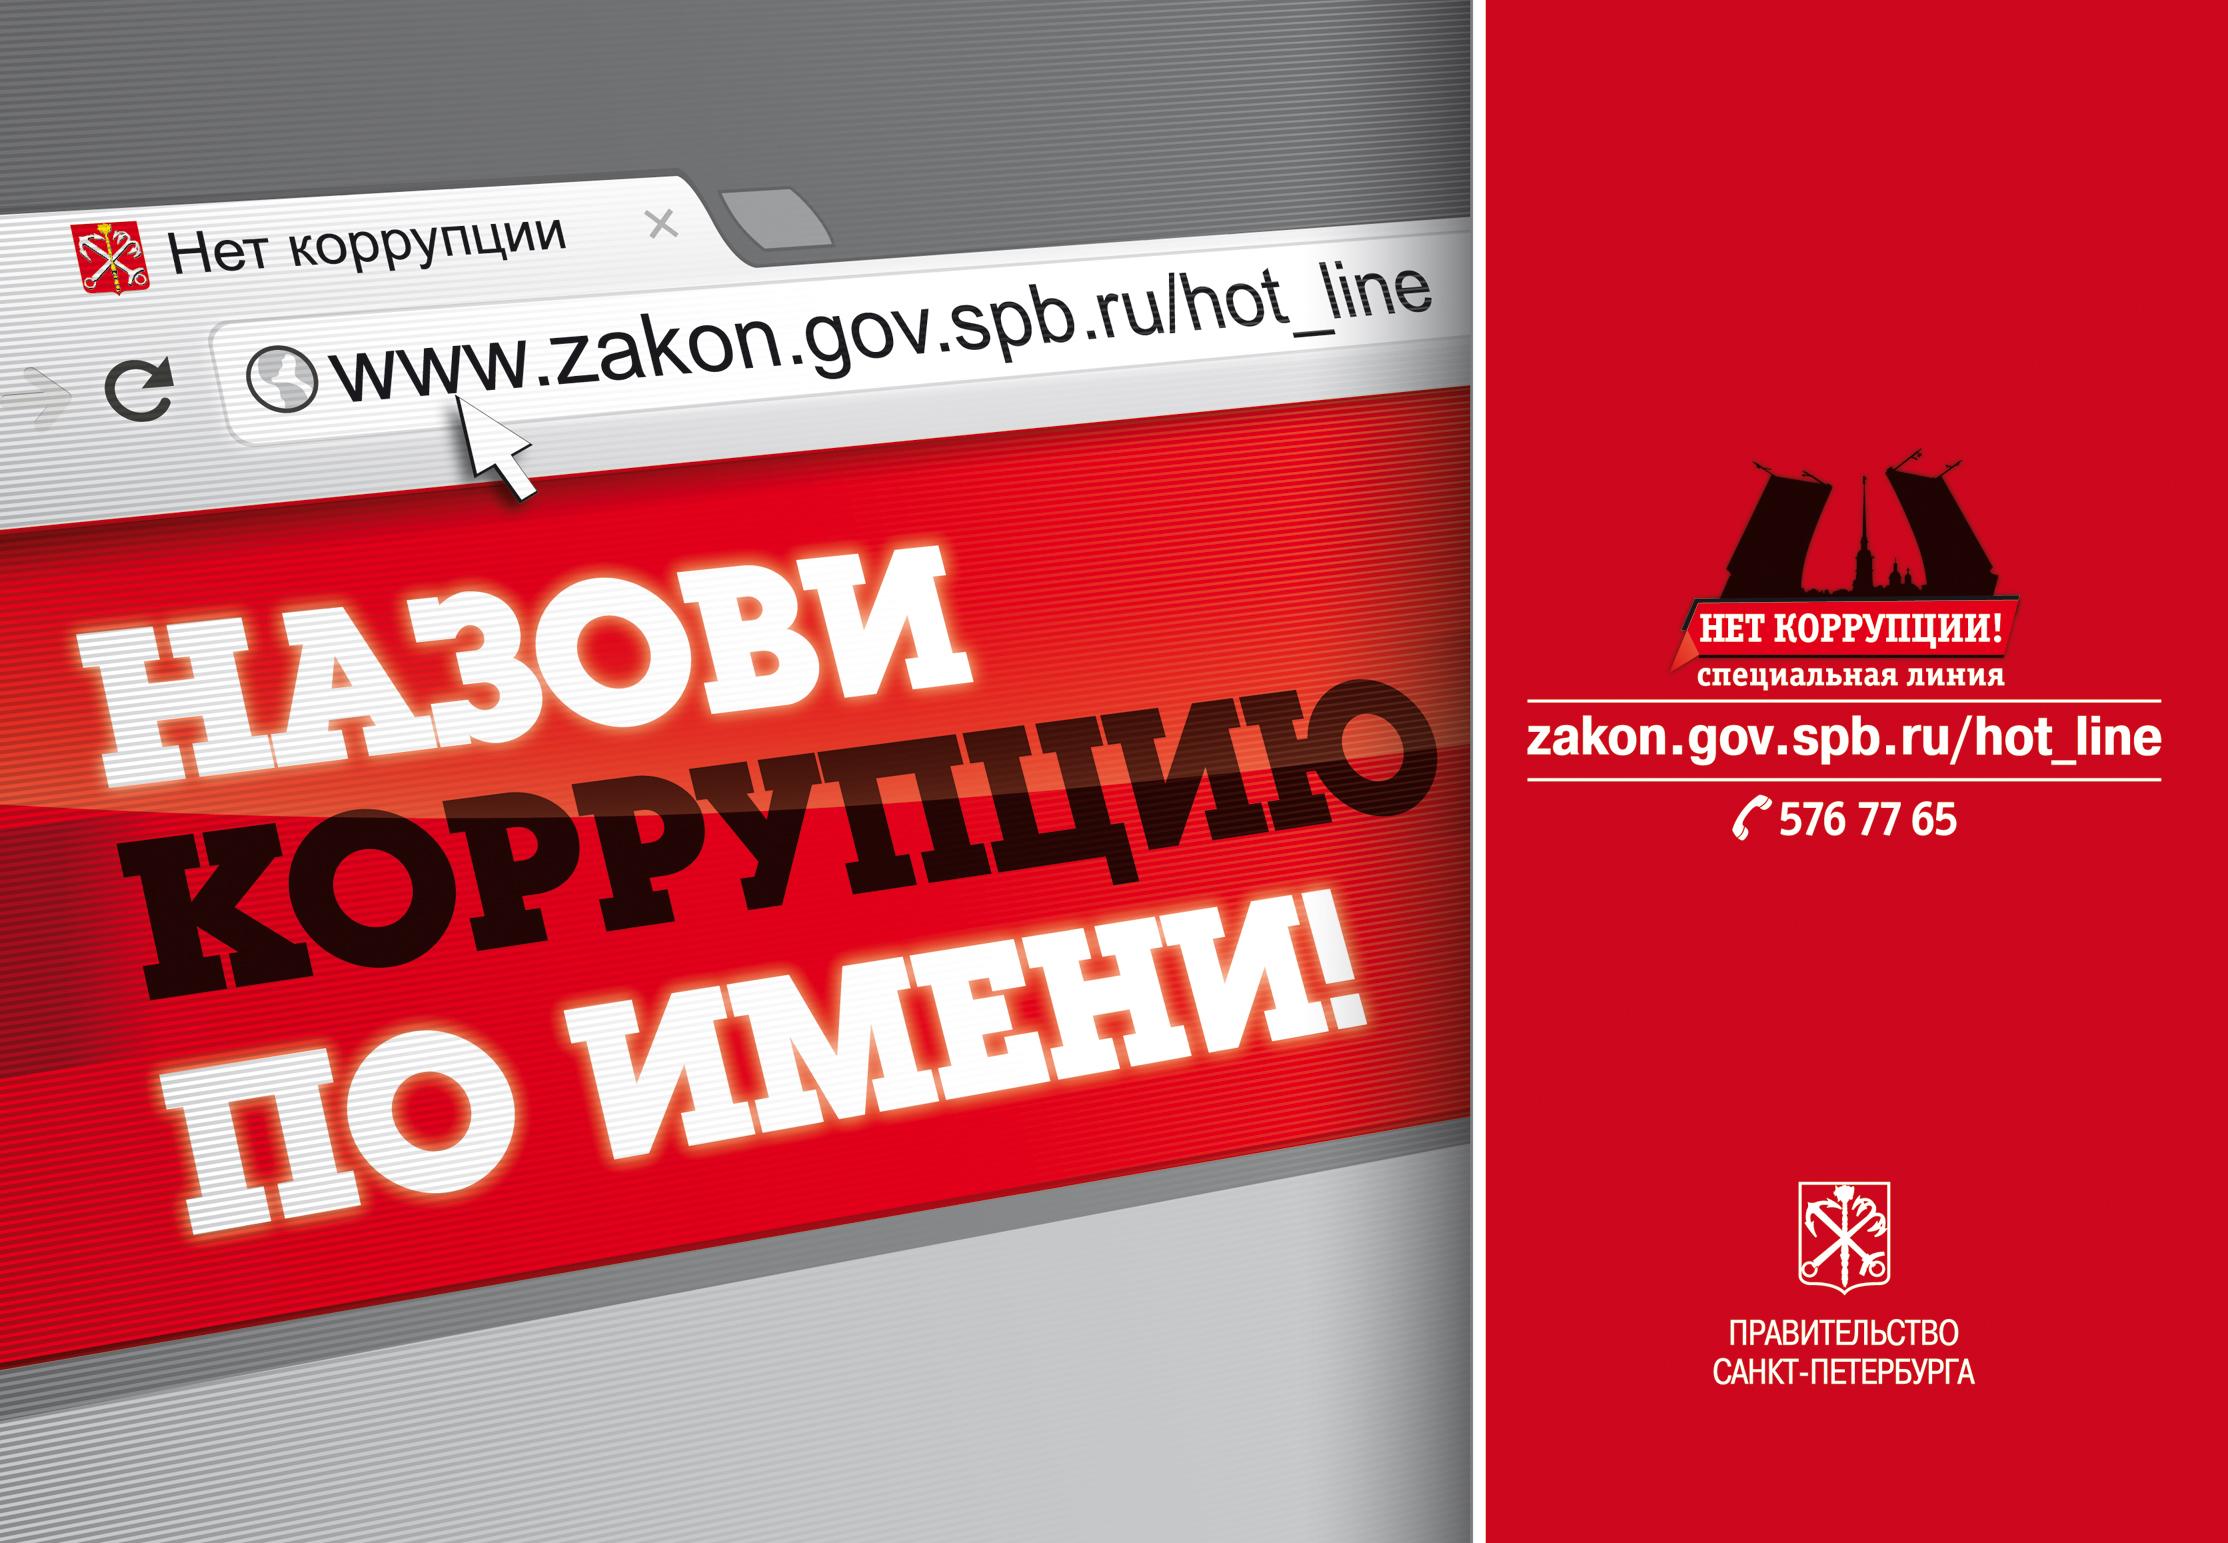 KORRUPTION_all